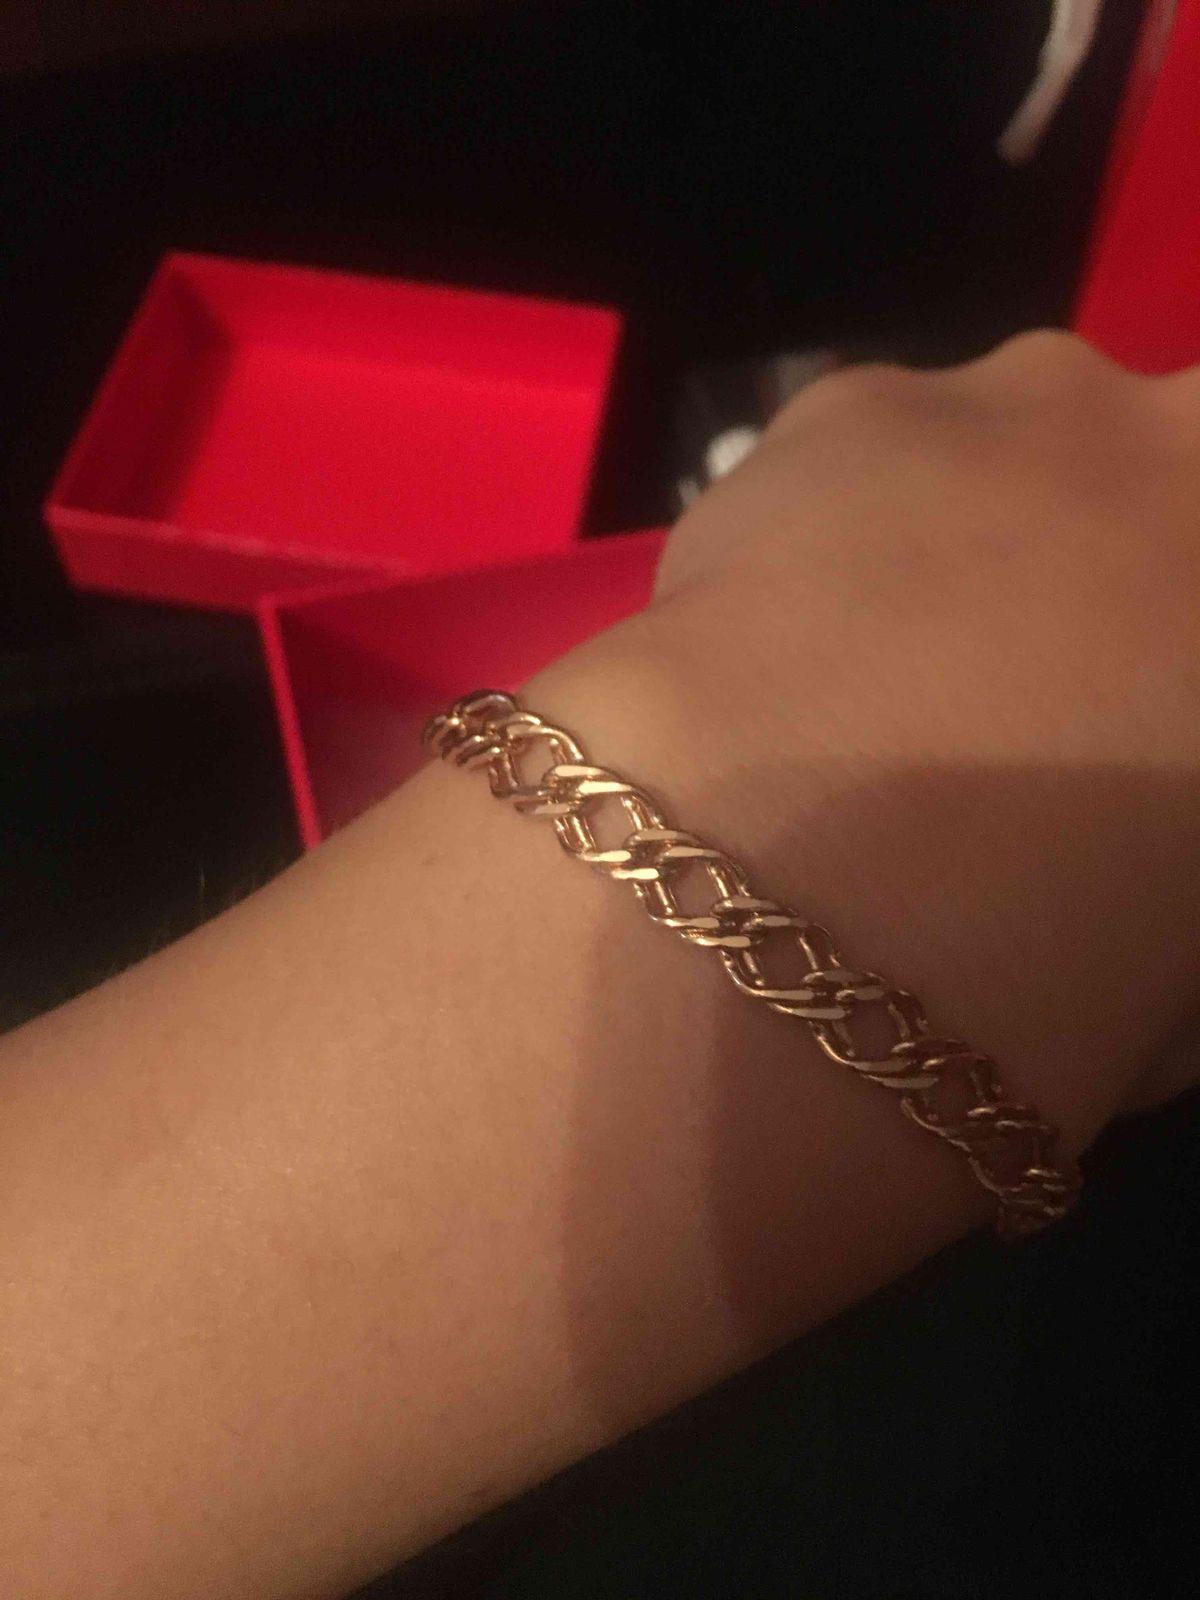 Мой долгожданный браслет !давно присматривала на руку браслет , и вот !чудо